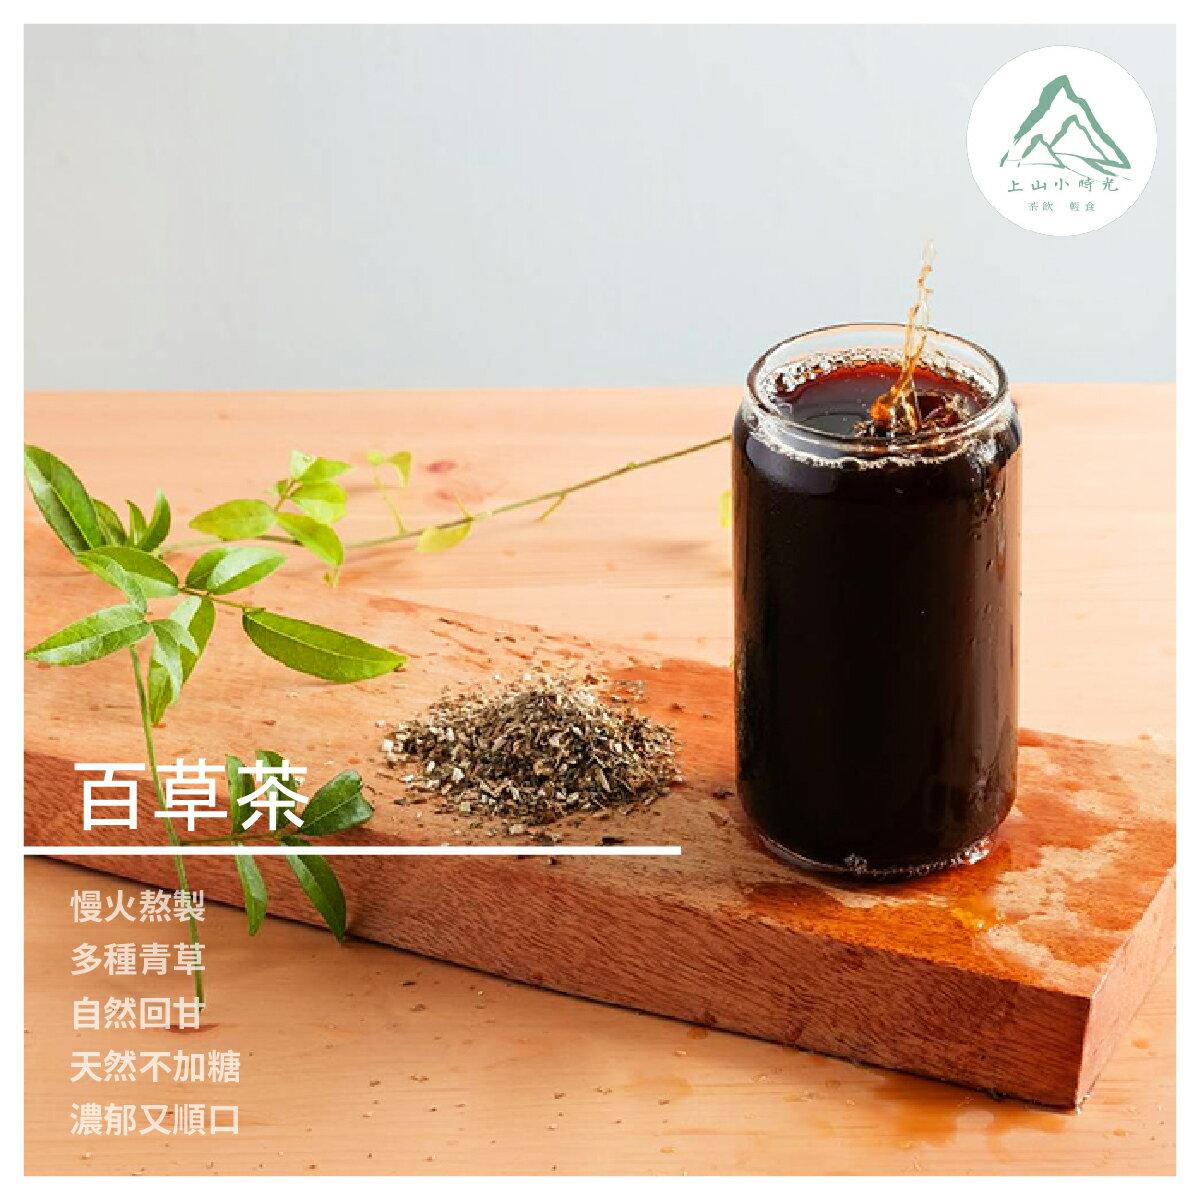 【上山小時光】百草茶/獨家組合/3入